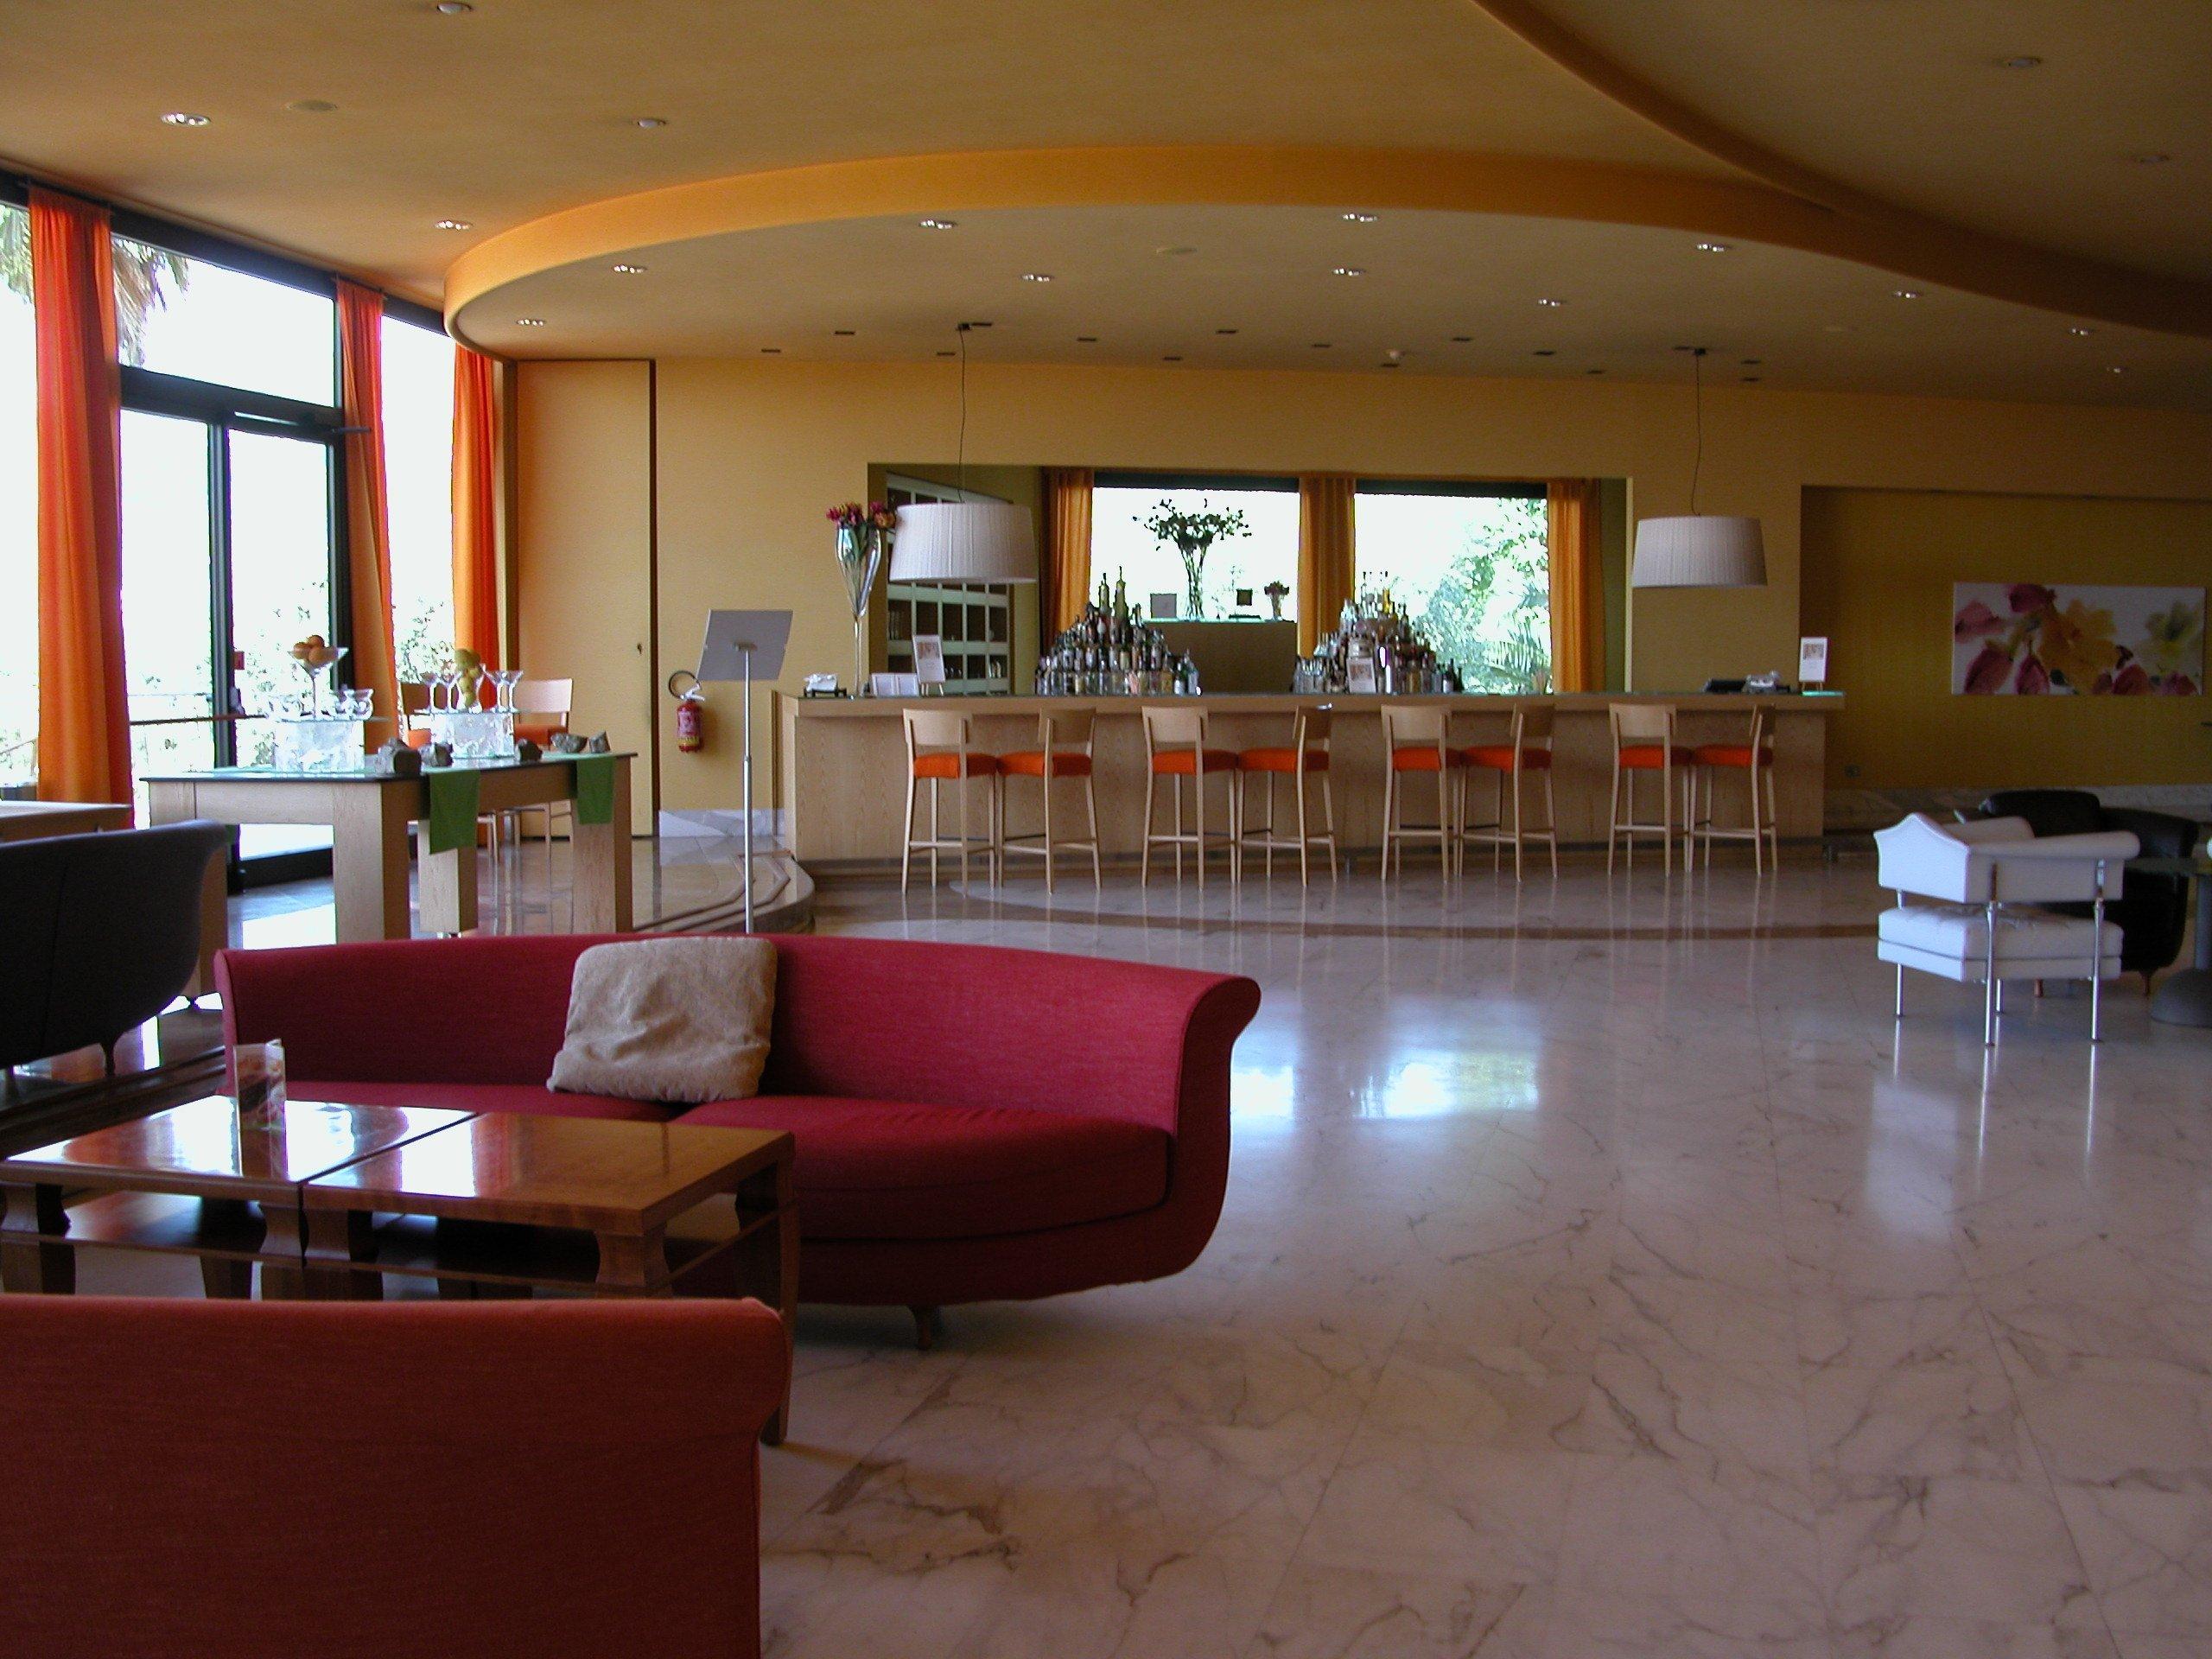 Bar interno di un hotel elegante con divanetti rossi